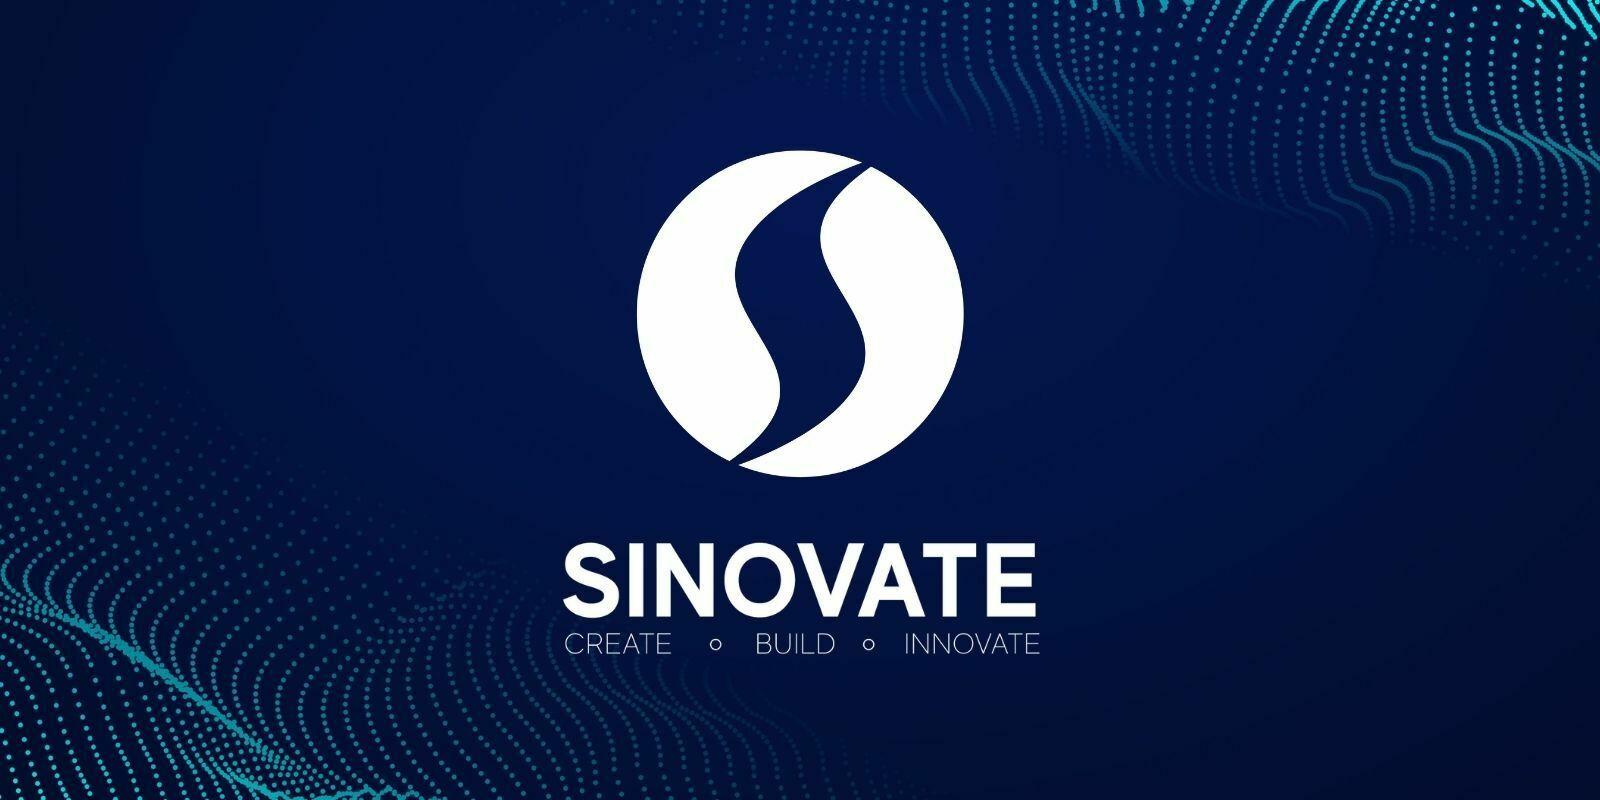 Sinovate (SIN) - Le service de stockage Cloud décentralisé permettant de générer des revenus passifs